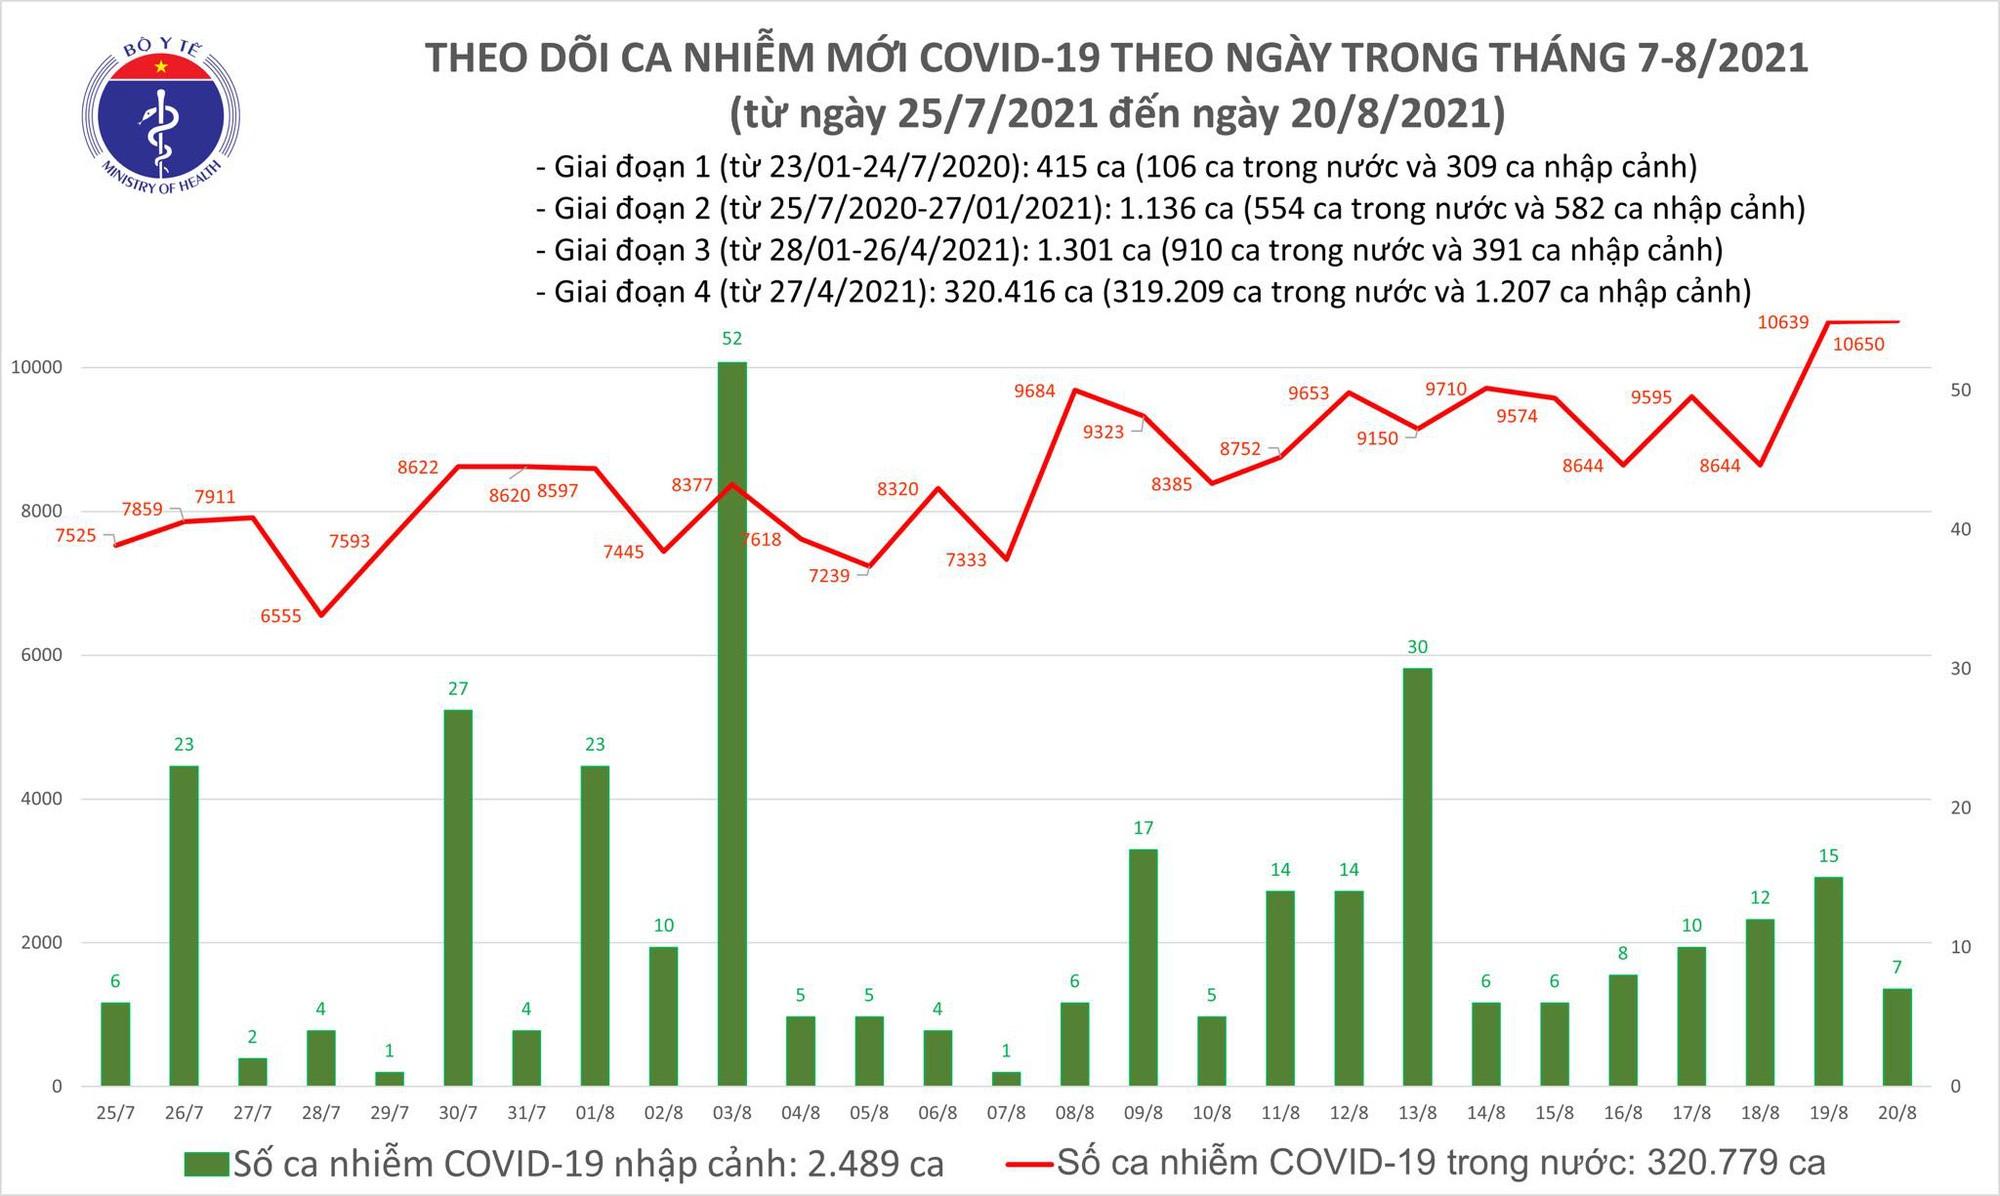 Tối 20/8: Thêm 10.657 ca COVID-19, Bình Dương là địa phương có số mắc cao nhất với 4.223 ca - Ảnh 1.